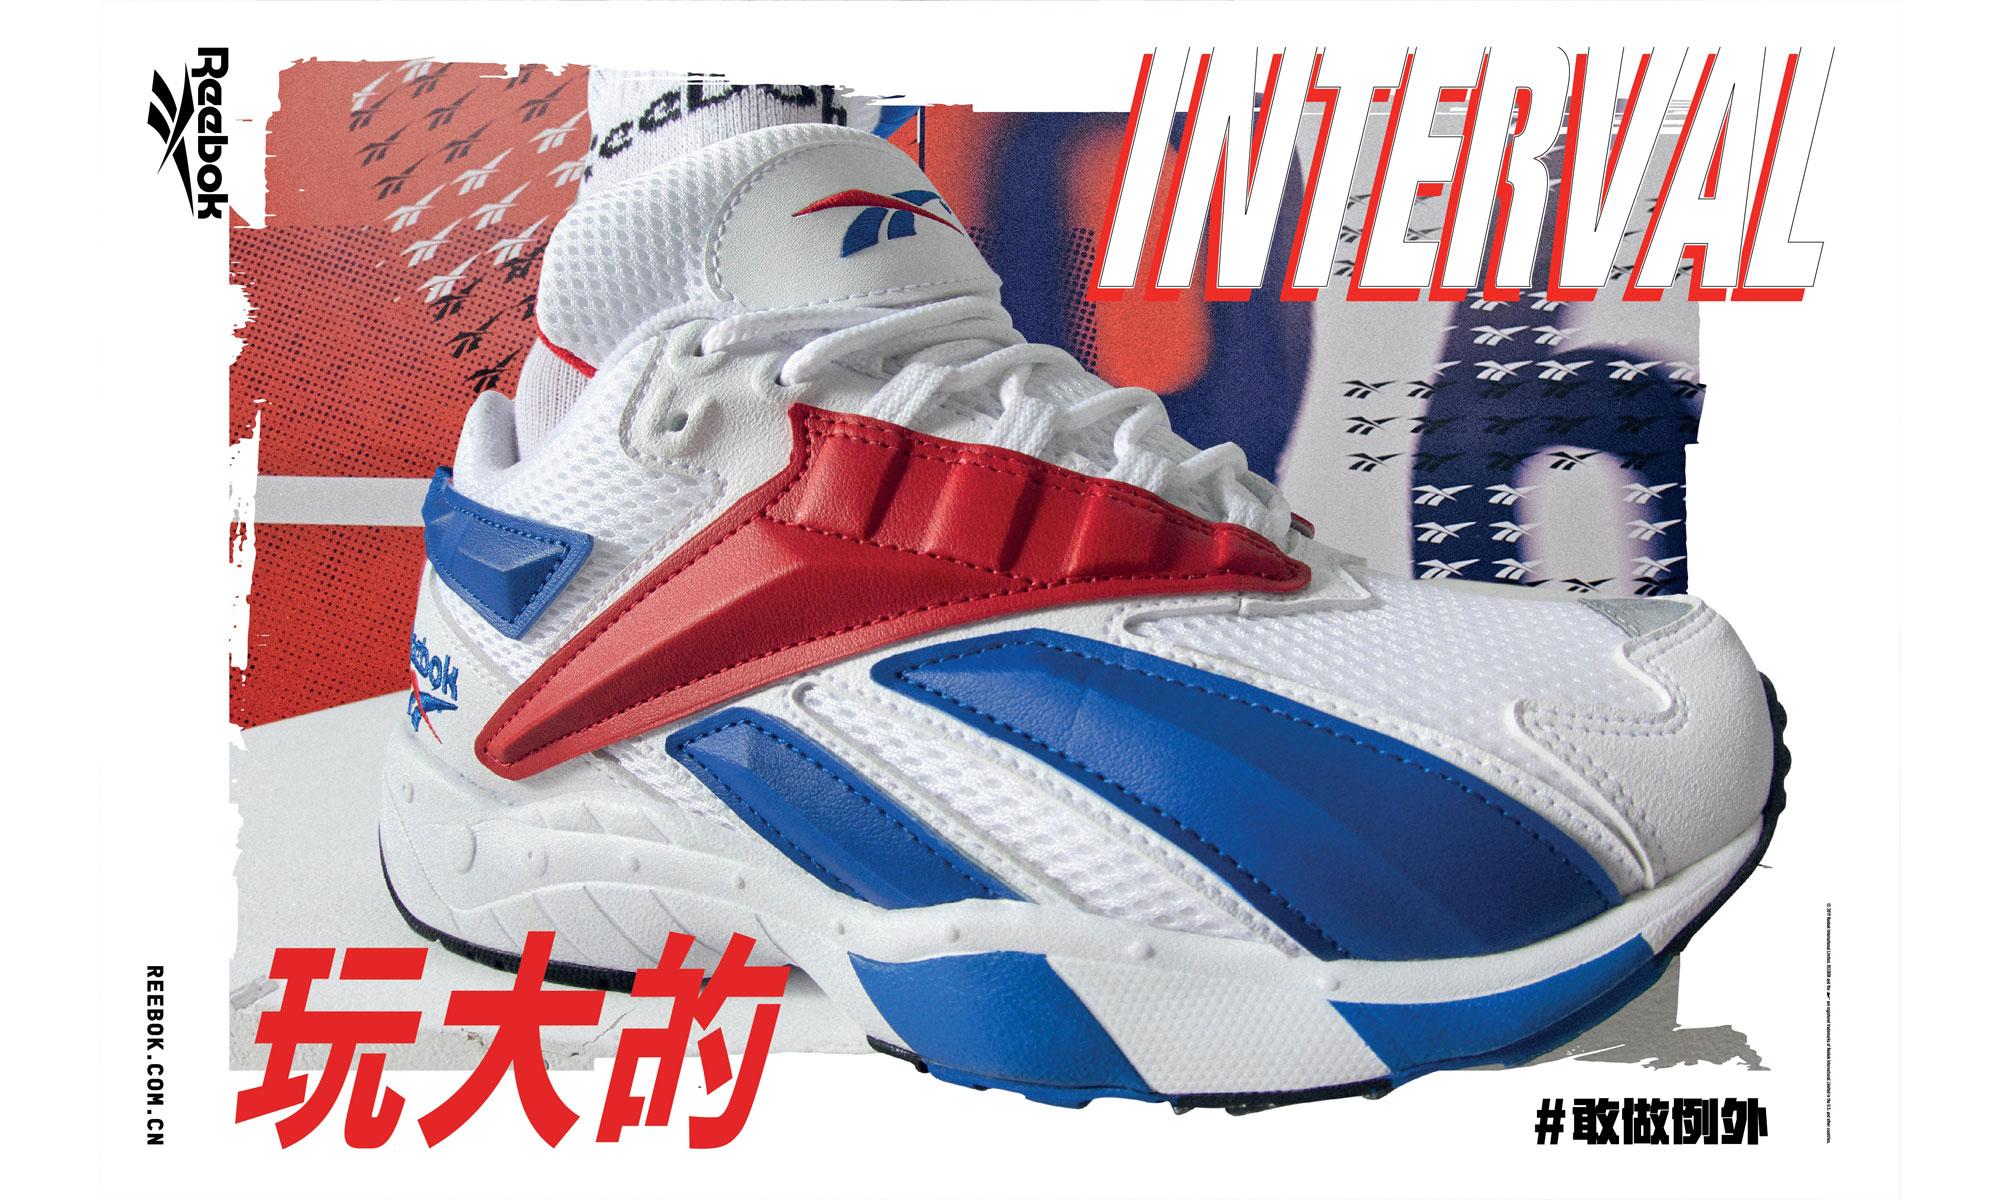 90 年代经典鞋款 Reebok Interval 传奇回归